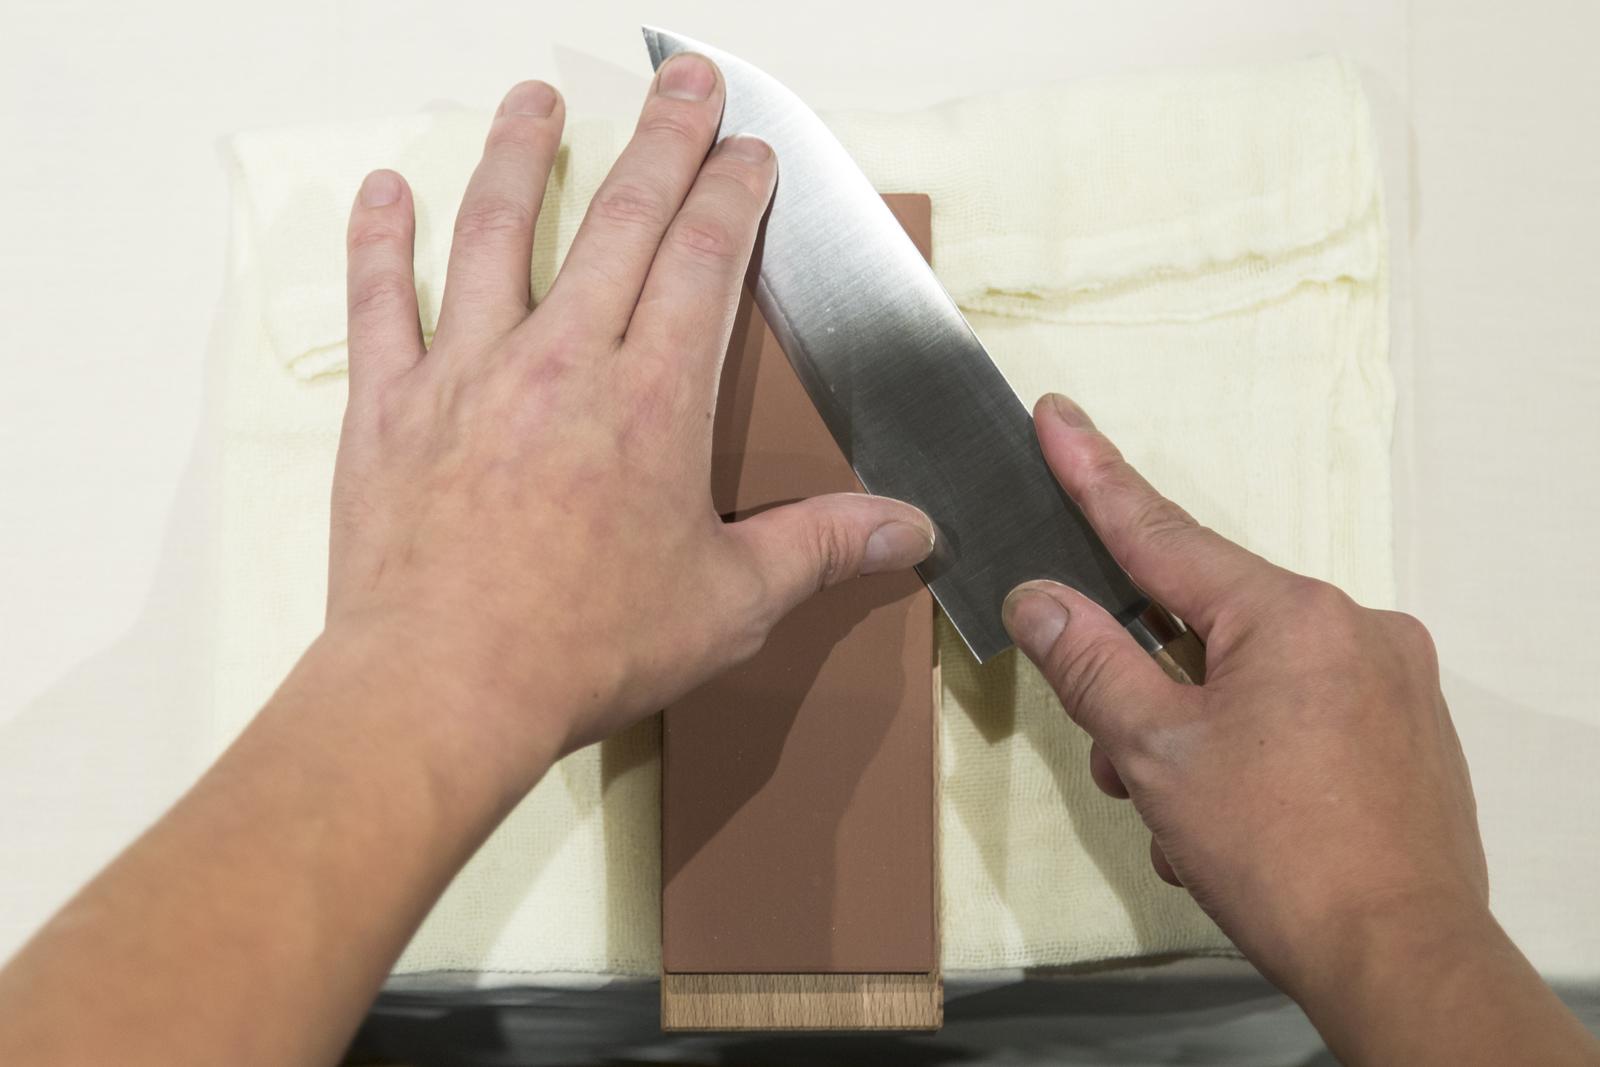 先端を研ぐ時は、砥石の頭の方を使うと研ぎやすい